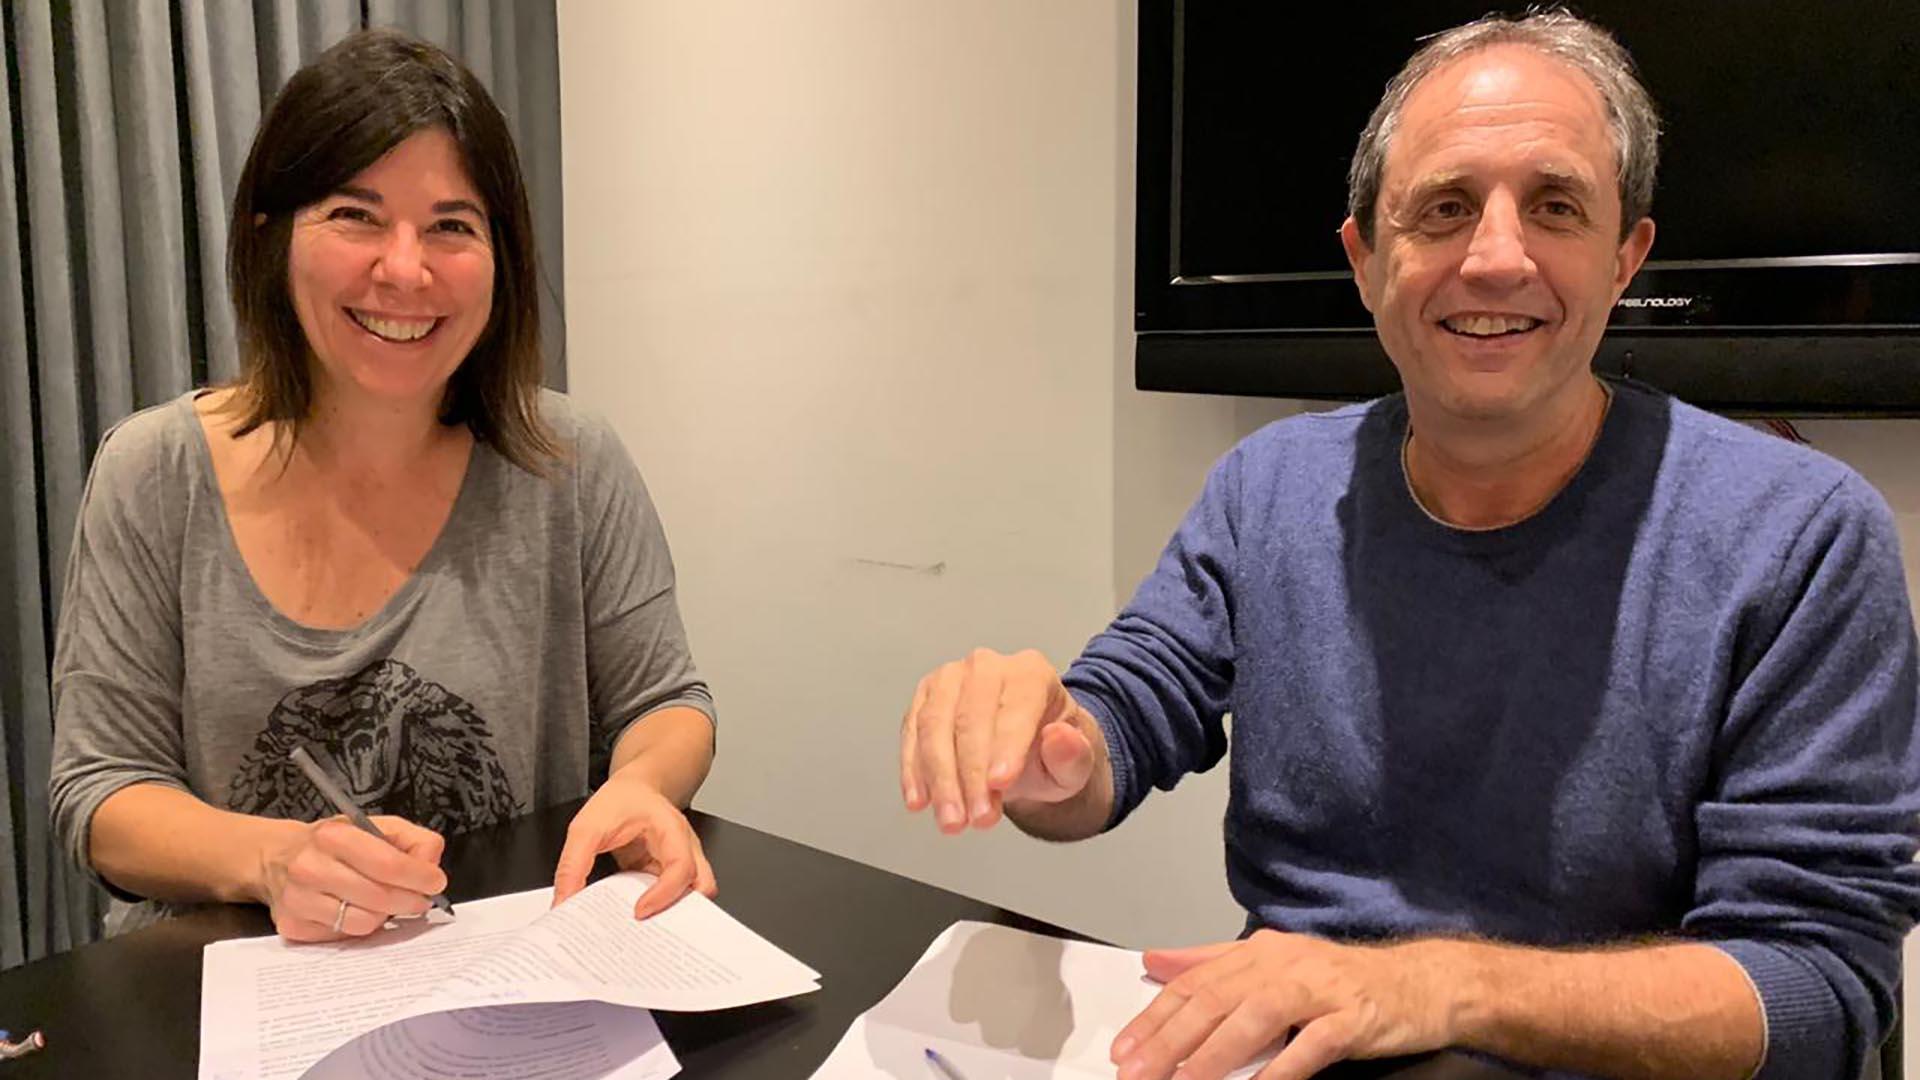 """María O'Donnell y Ernesto Tenembaum firmaron contrato para conducir, a partir del 6 de mayo """"Corea del Centro"""", de lunes a jueves por Net TV"""